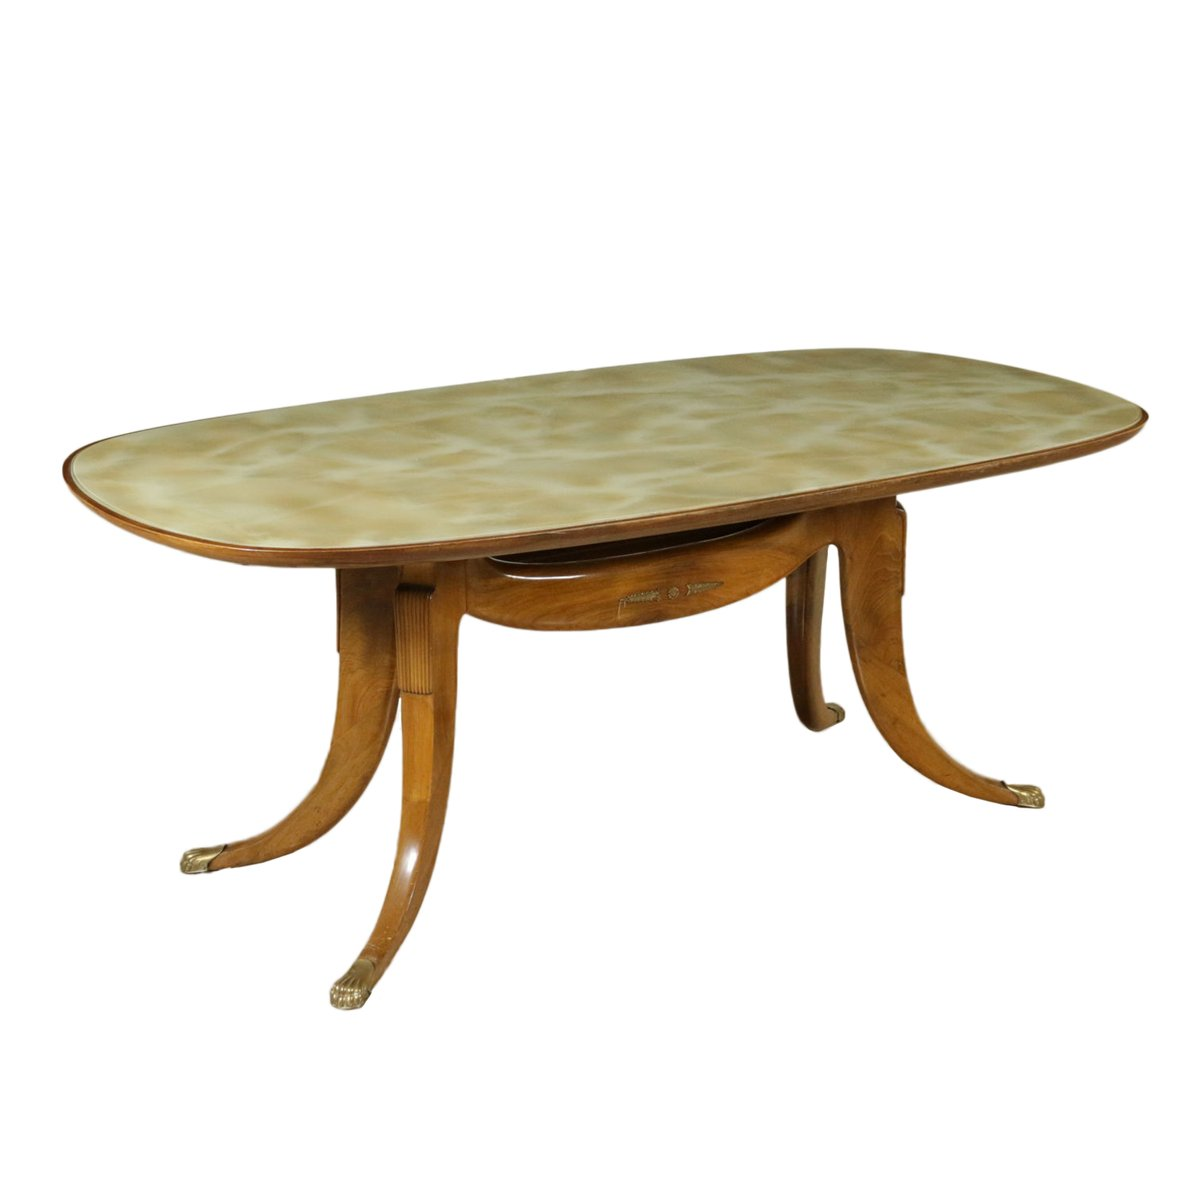 italienischer vintage buchenholz tisch mit glasplatte und. Black Bedroom Furniture Sets. Home Design Ideas